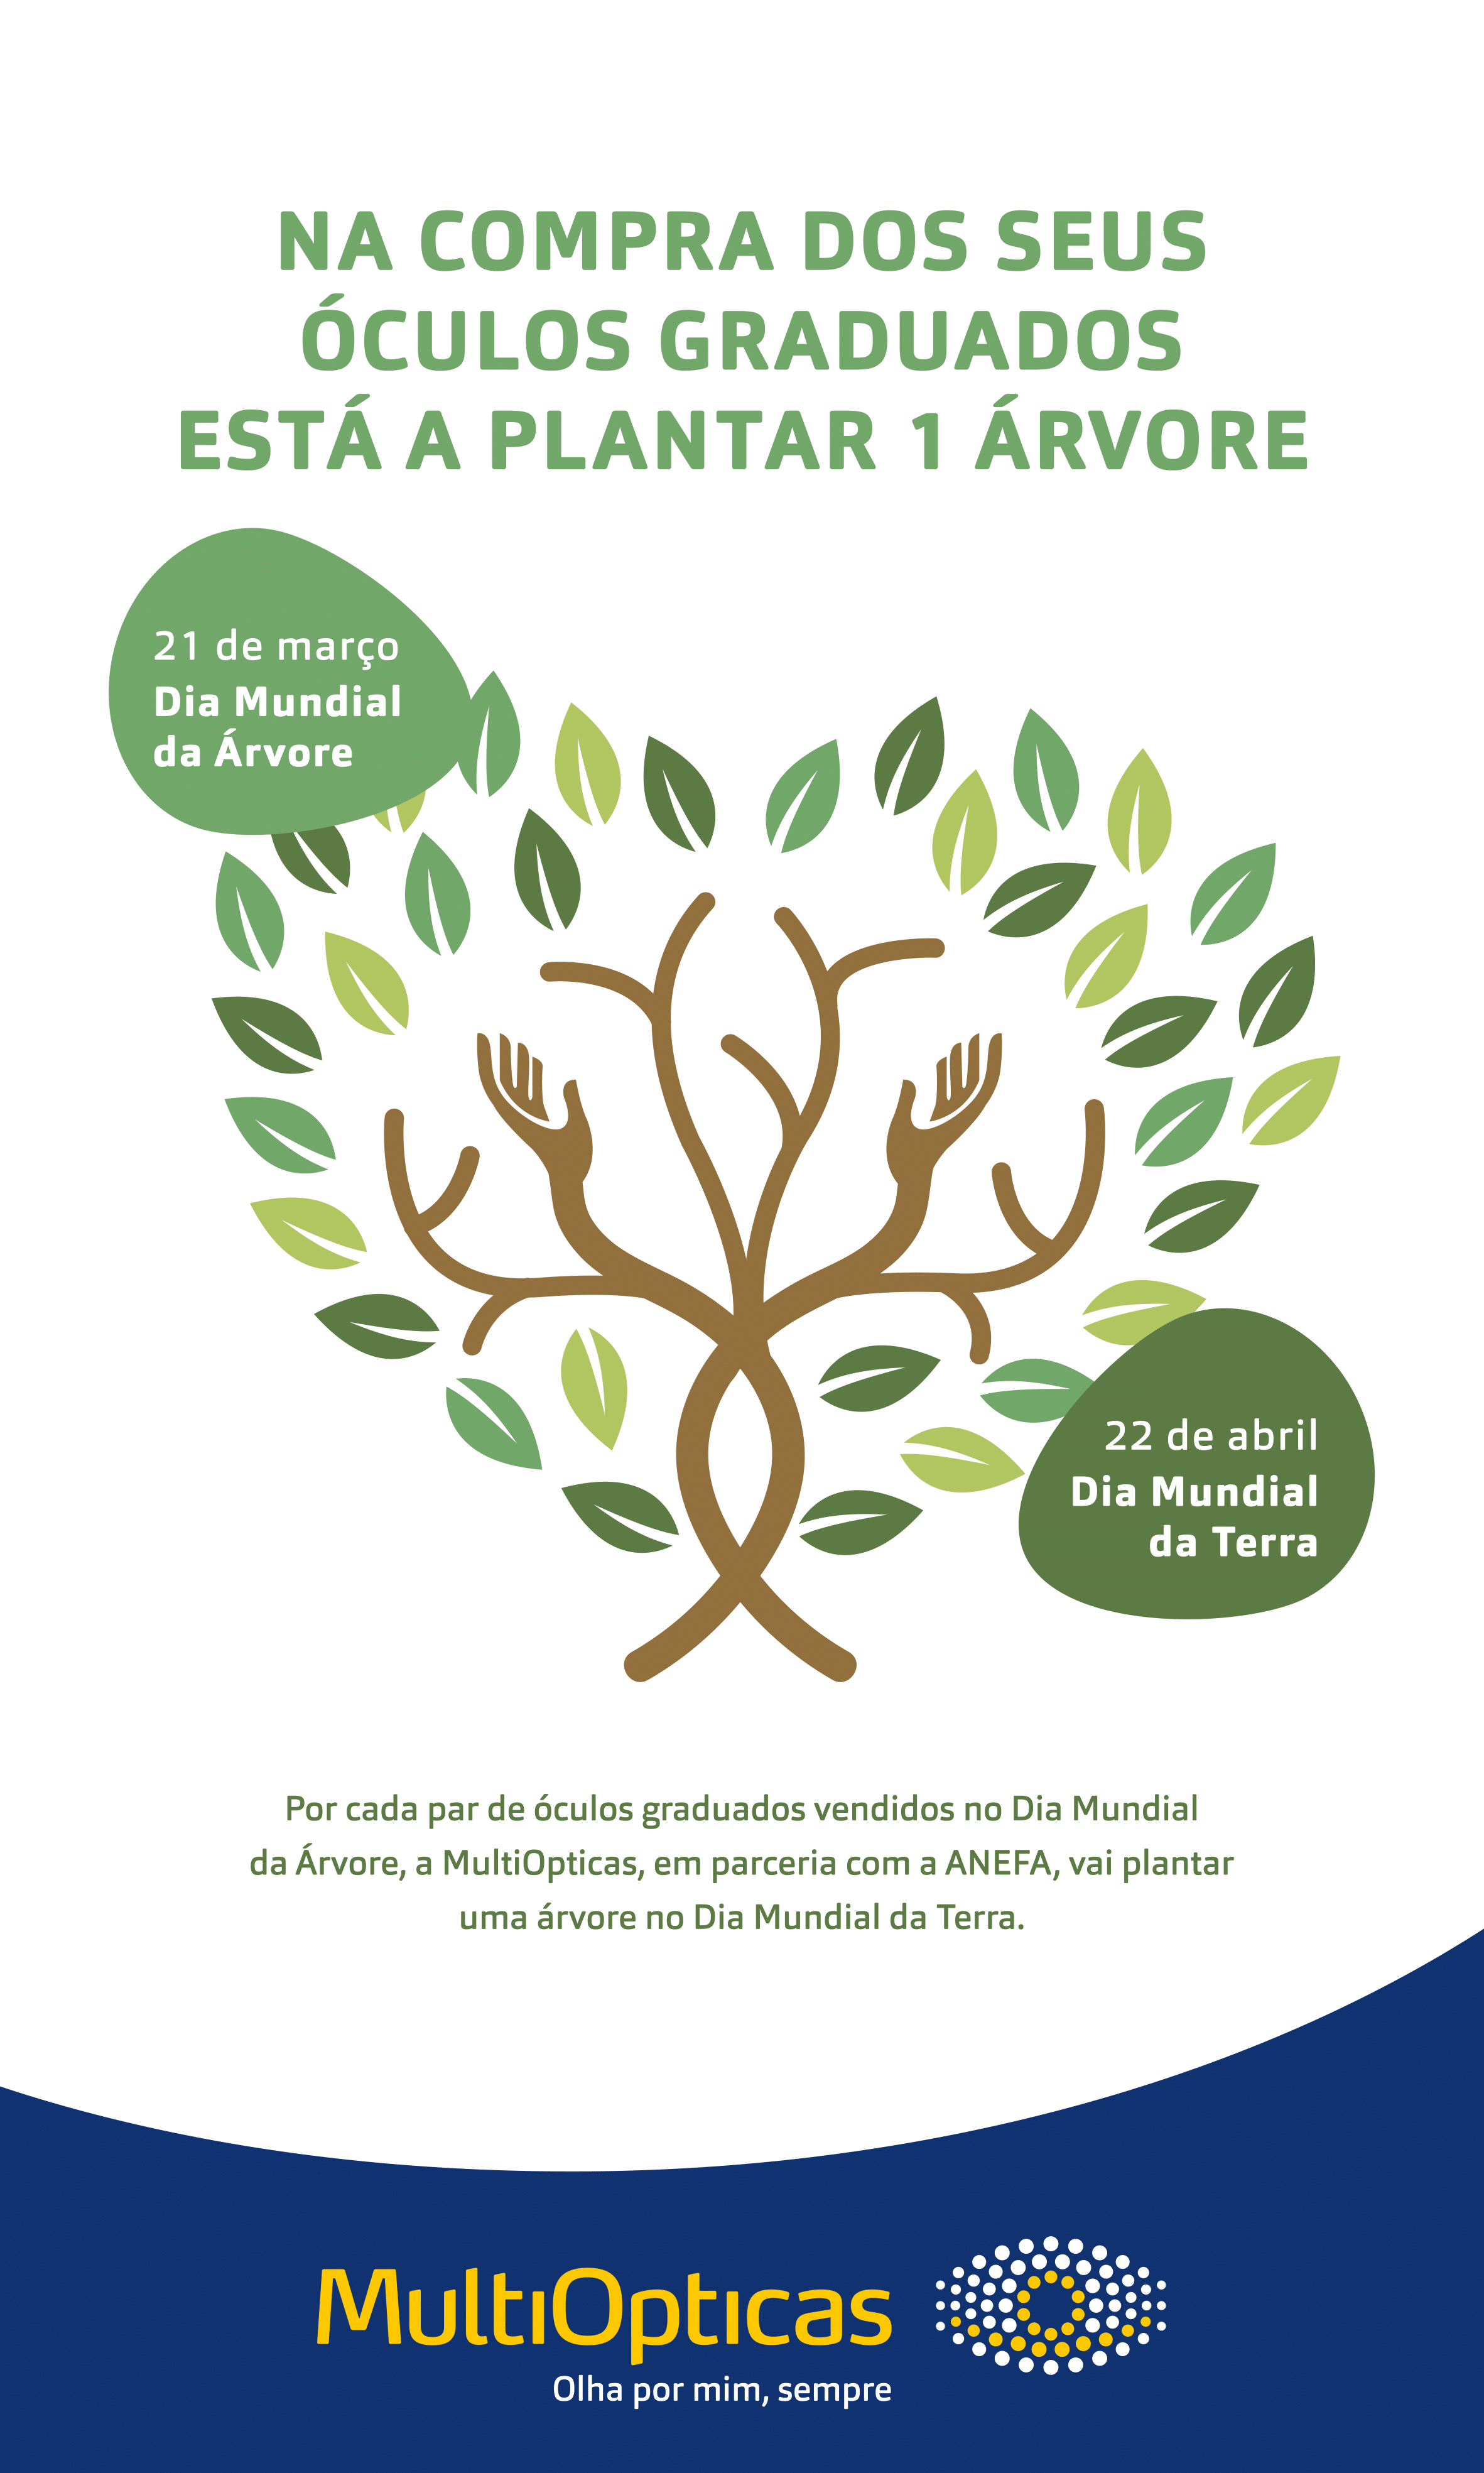 Imagem da notícia: MultiOpticas planta árvores por óculos graduados vendidos